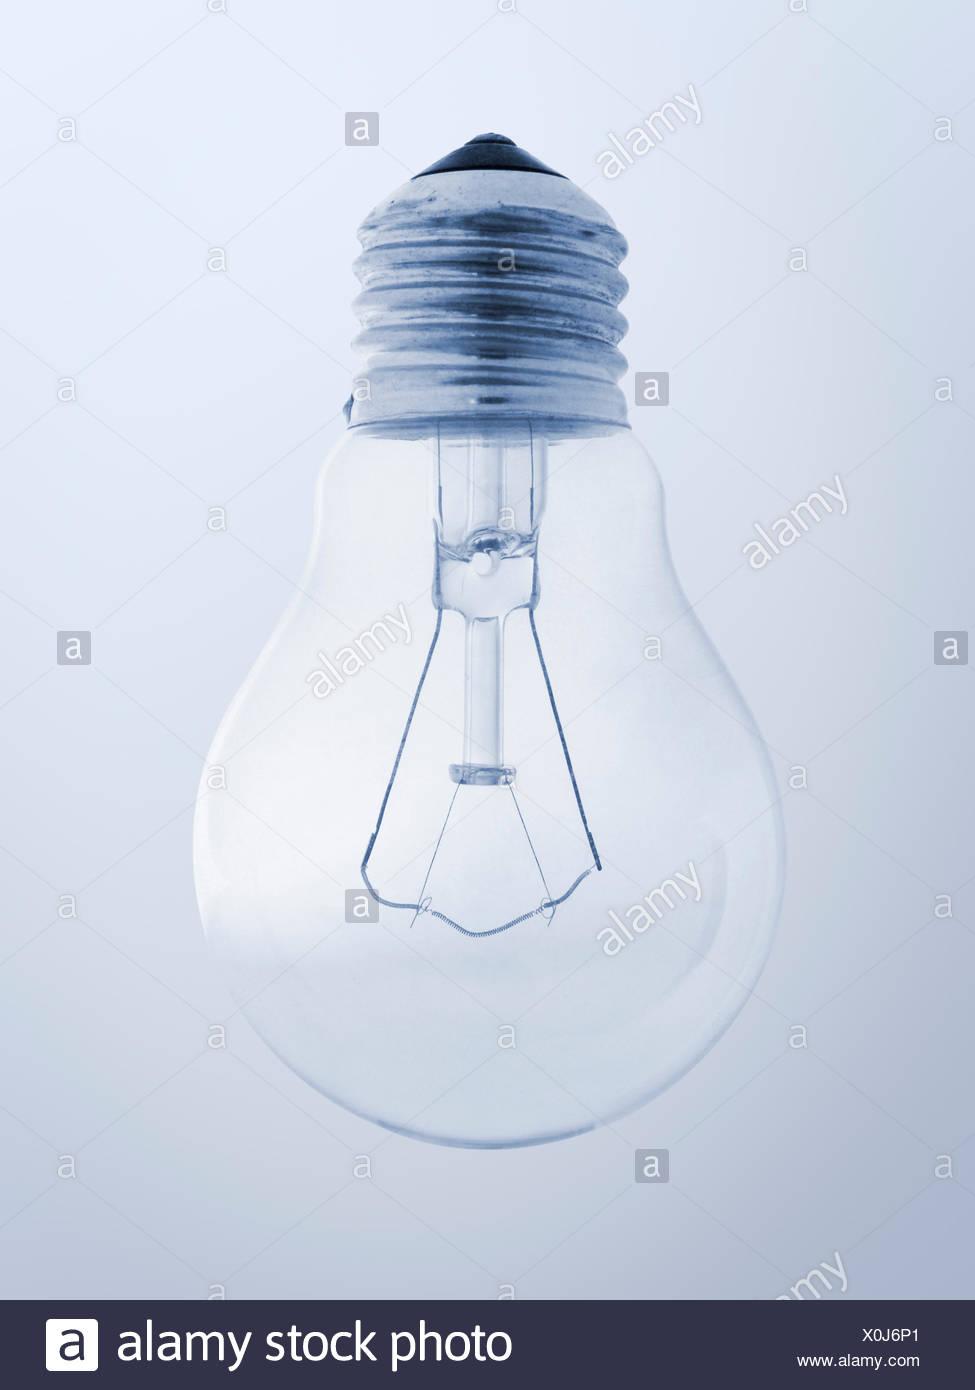 Nahaufnahme einer einzelnen glasklaren Haushalts-Glühbirne mit Schraubgewinde auf hell-blauen Verlaufs-Hintergrund Stock Photo